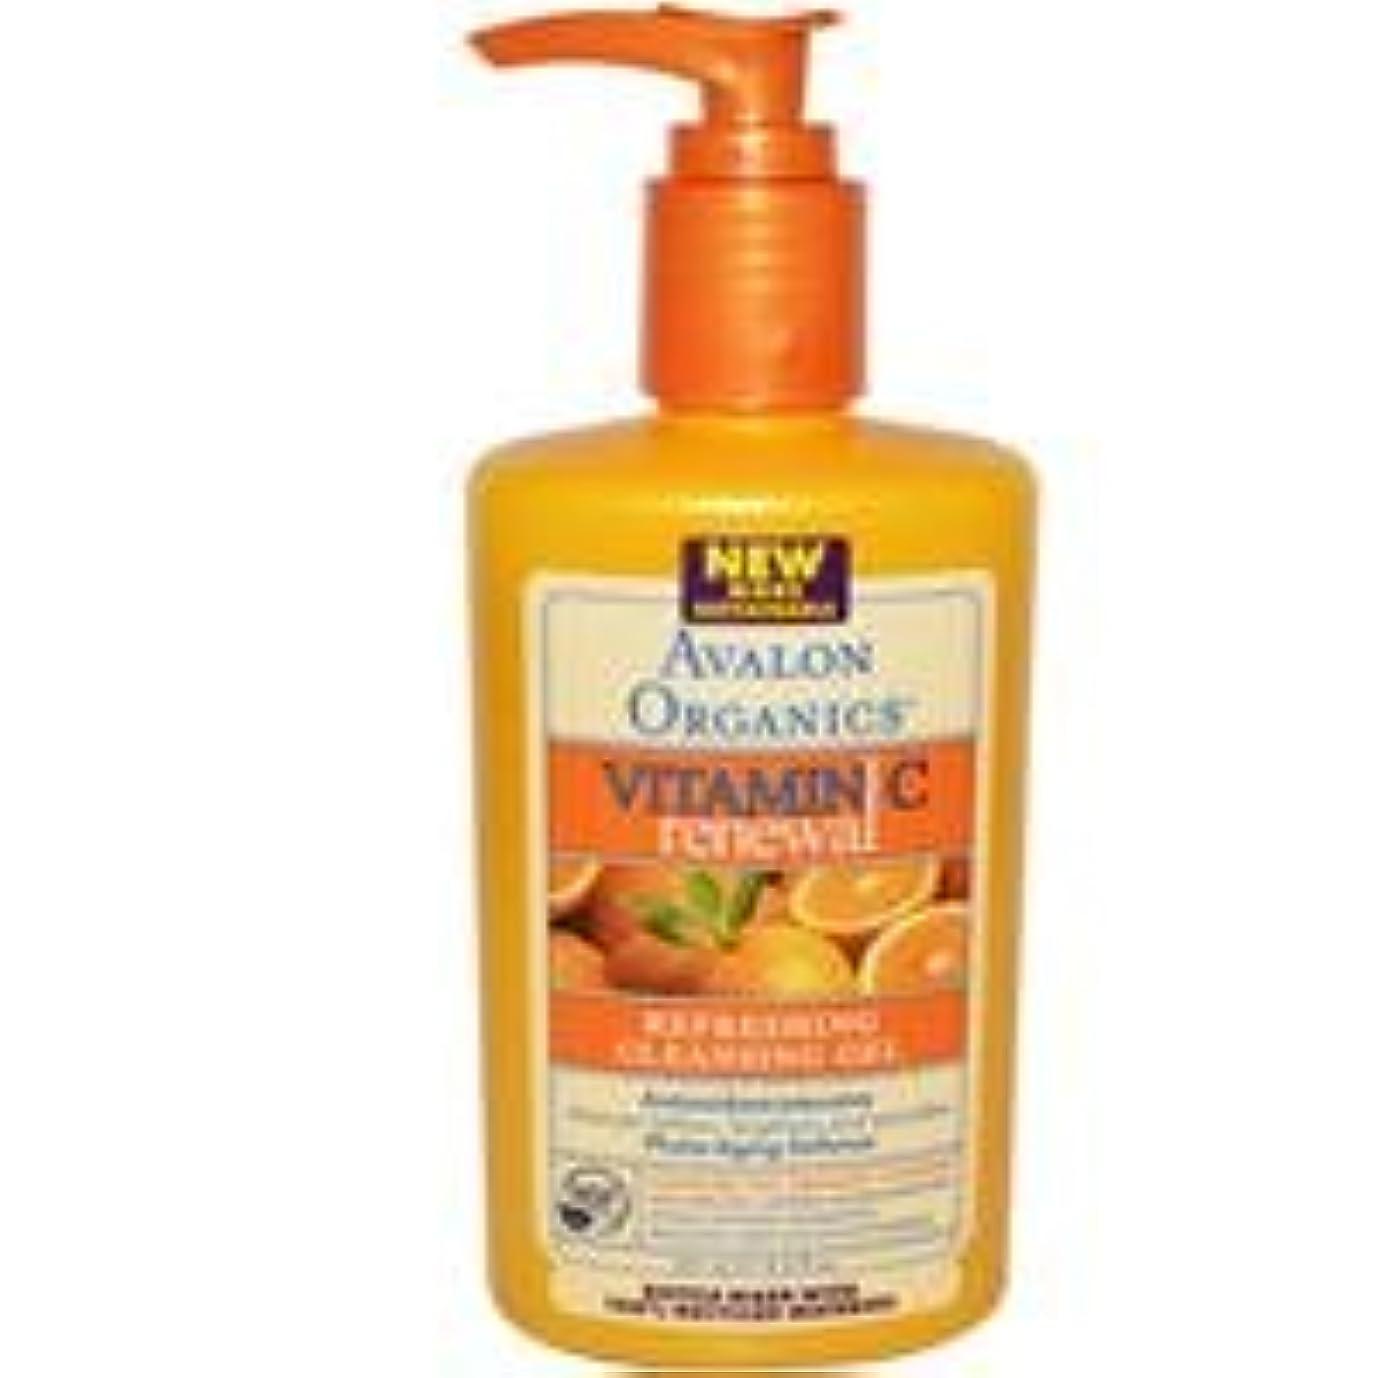 マージン属性十分ではない[海外直送品] アバロンオーガニック(Avalon Organics)    ビタミンC クレンジング ジェル 251ml